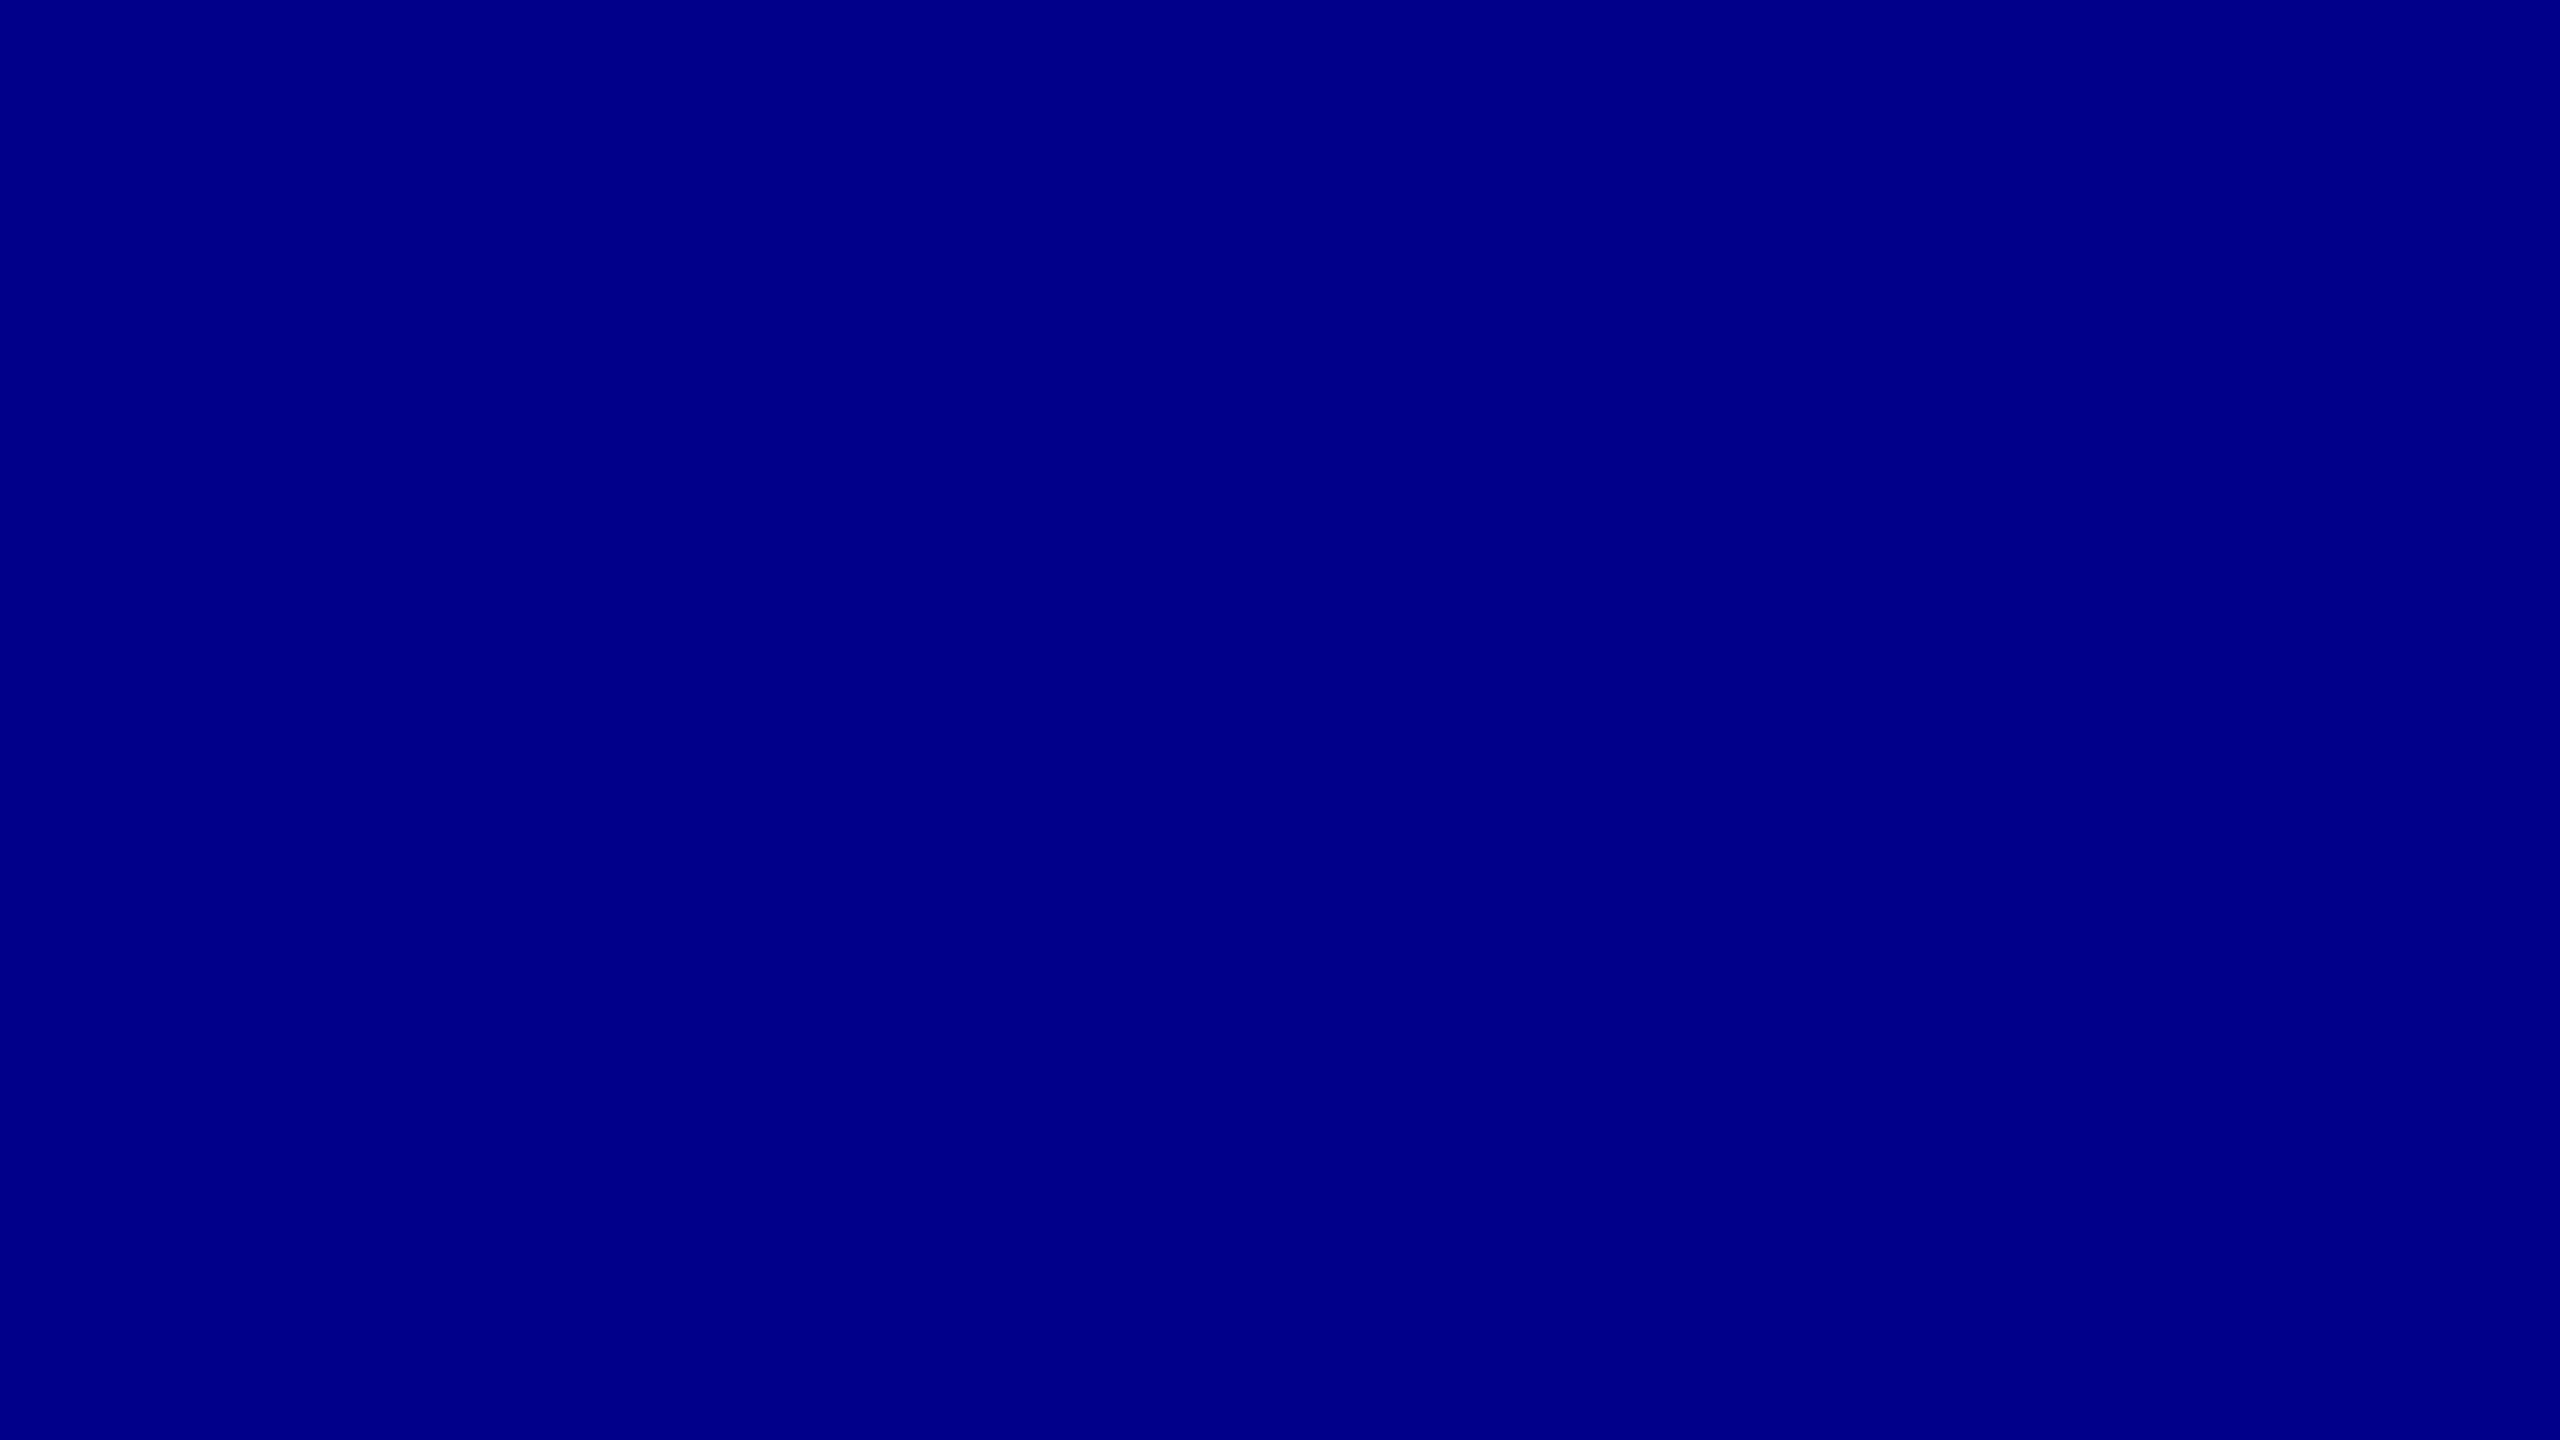 Dark Blue Solid Color Background